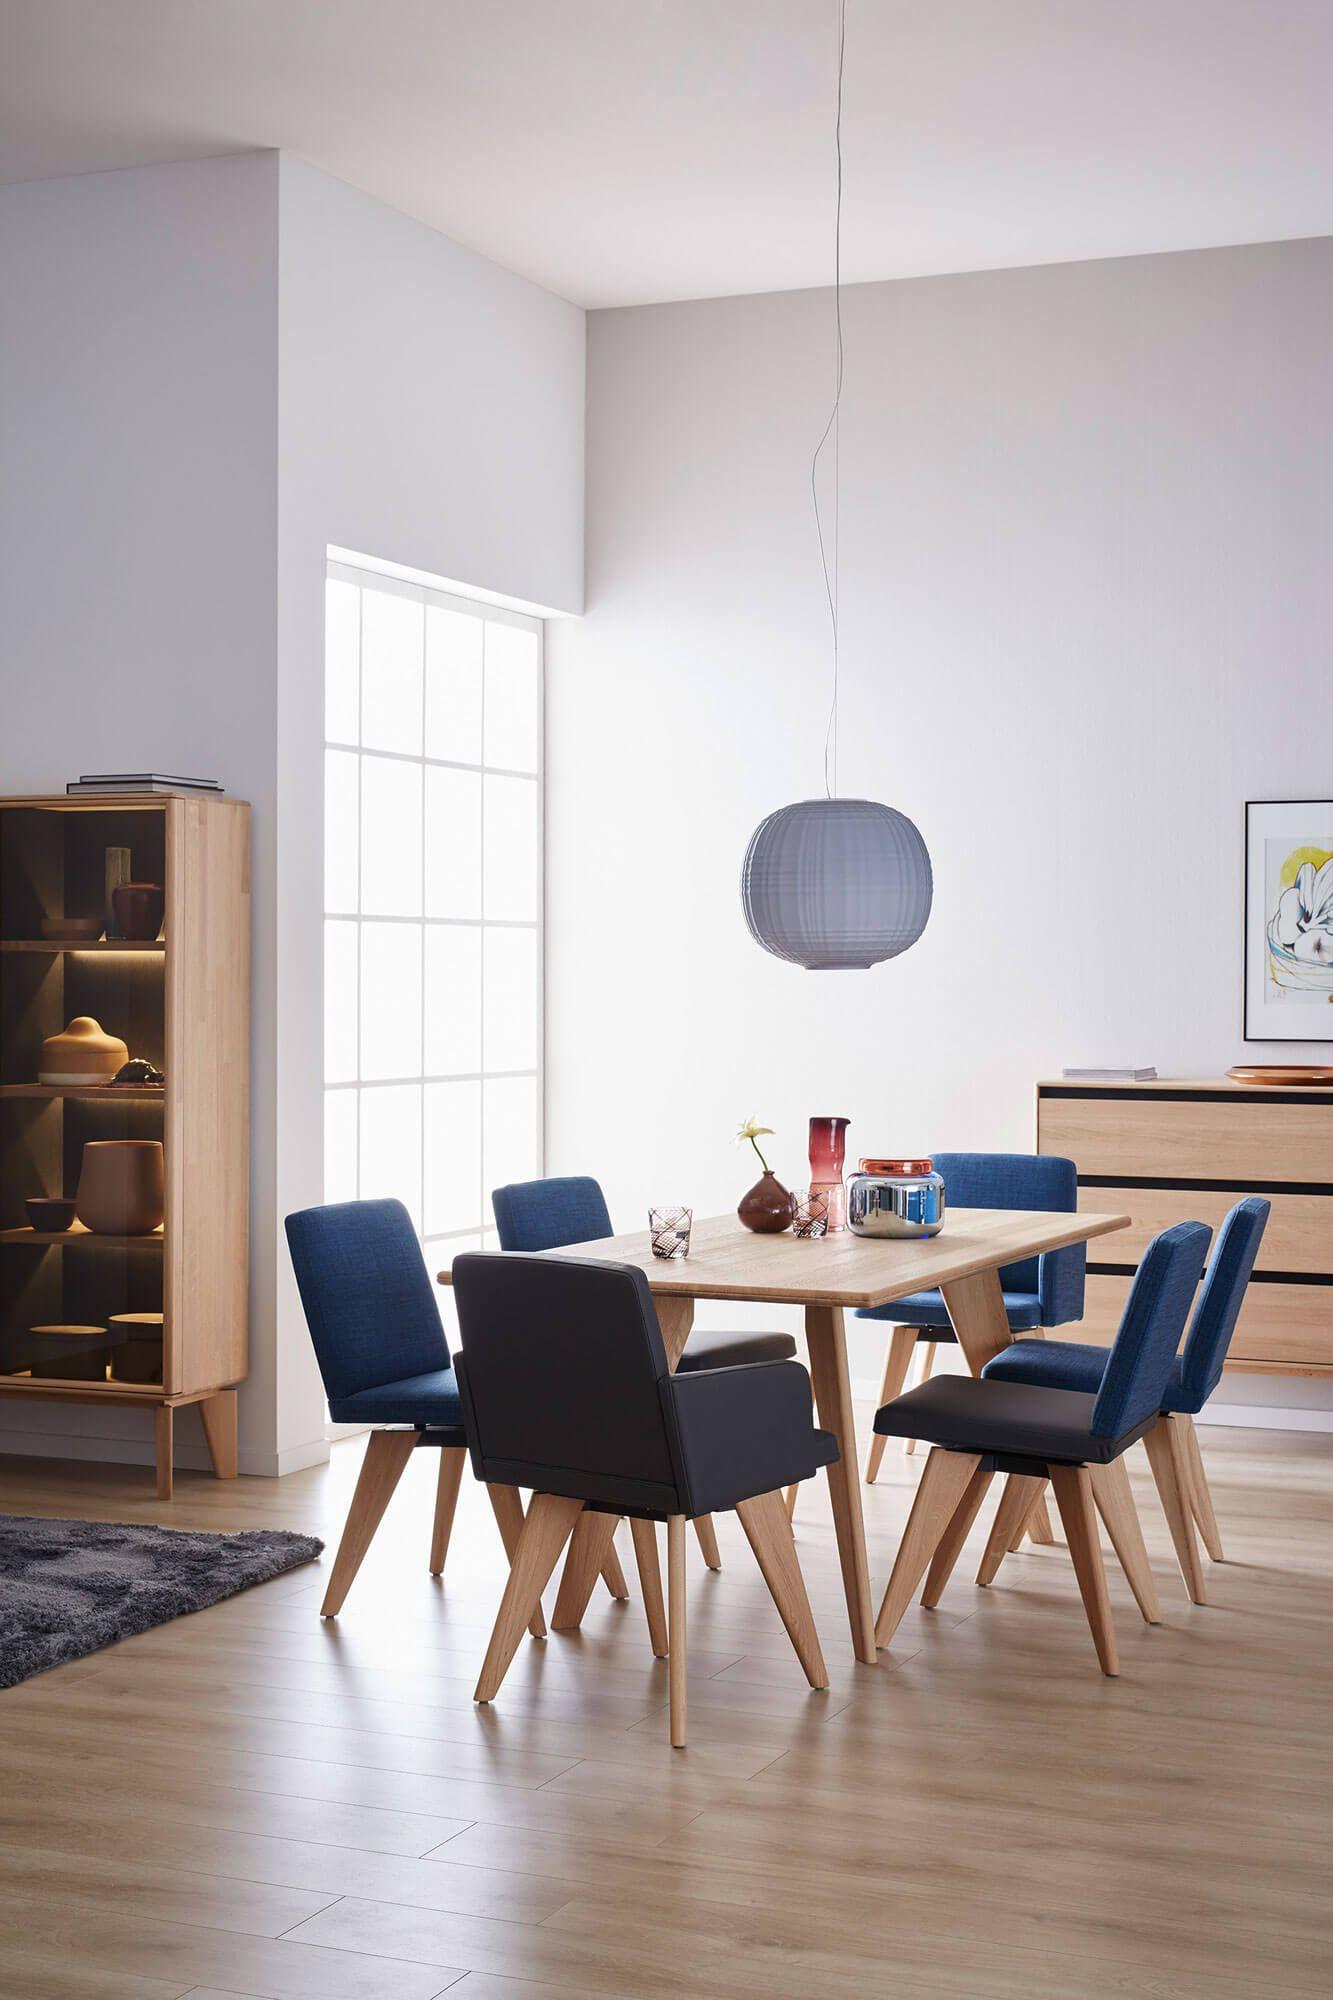 Möbel Markt Dogern Sarah Bürgin Kundendienstsachbearbeiterin